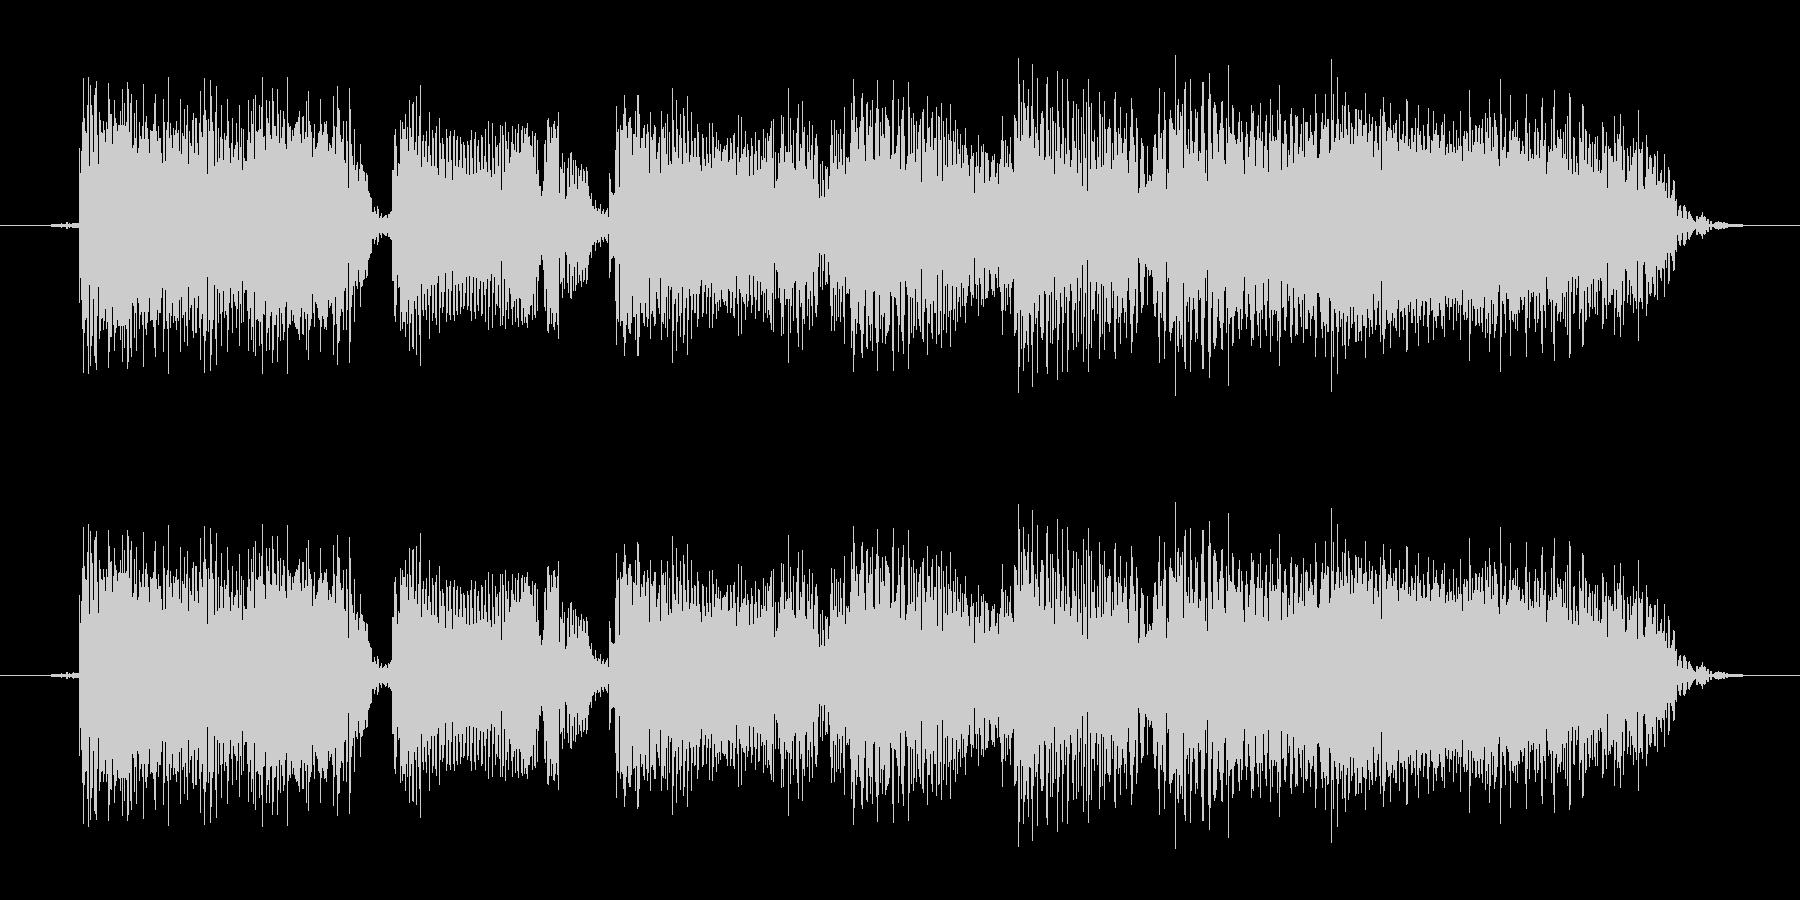 タイトルコールに使えるサウンド(ギター)の未再生の波形